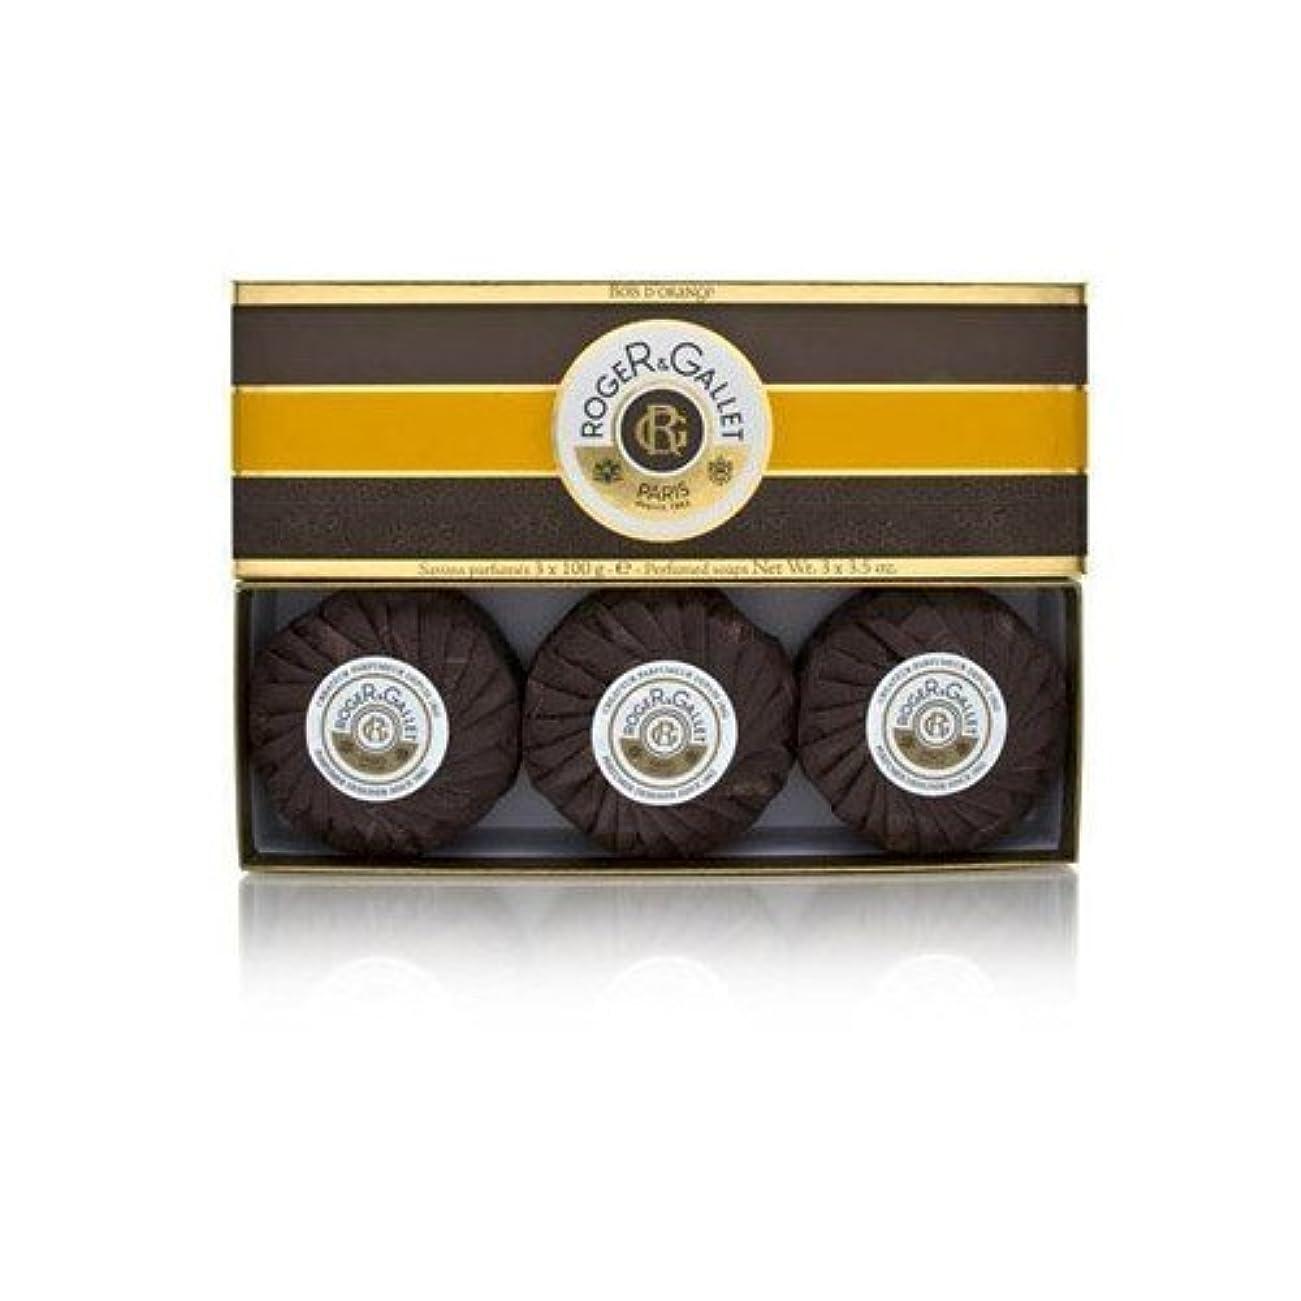 ブランデー亡命懸念ロジェガレ ボワ ドランジュ (オレンジツリー) 香水石鹸3個セット ROGER&GALLET BOIS D'ORANGE PERFUMED SOAP [0161]